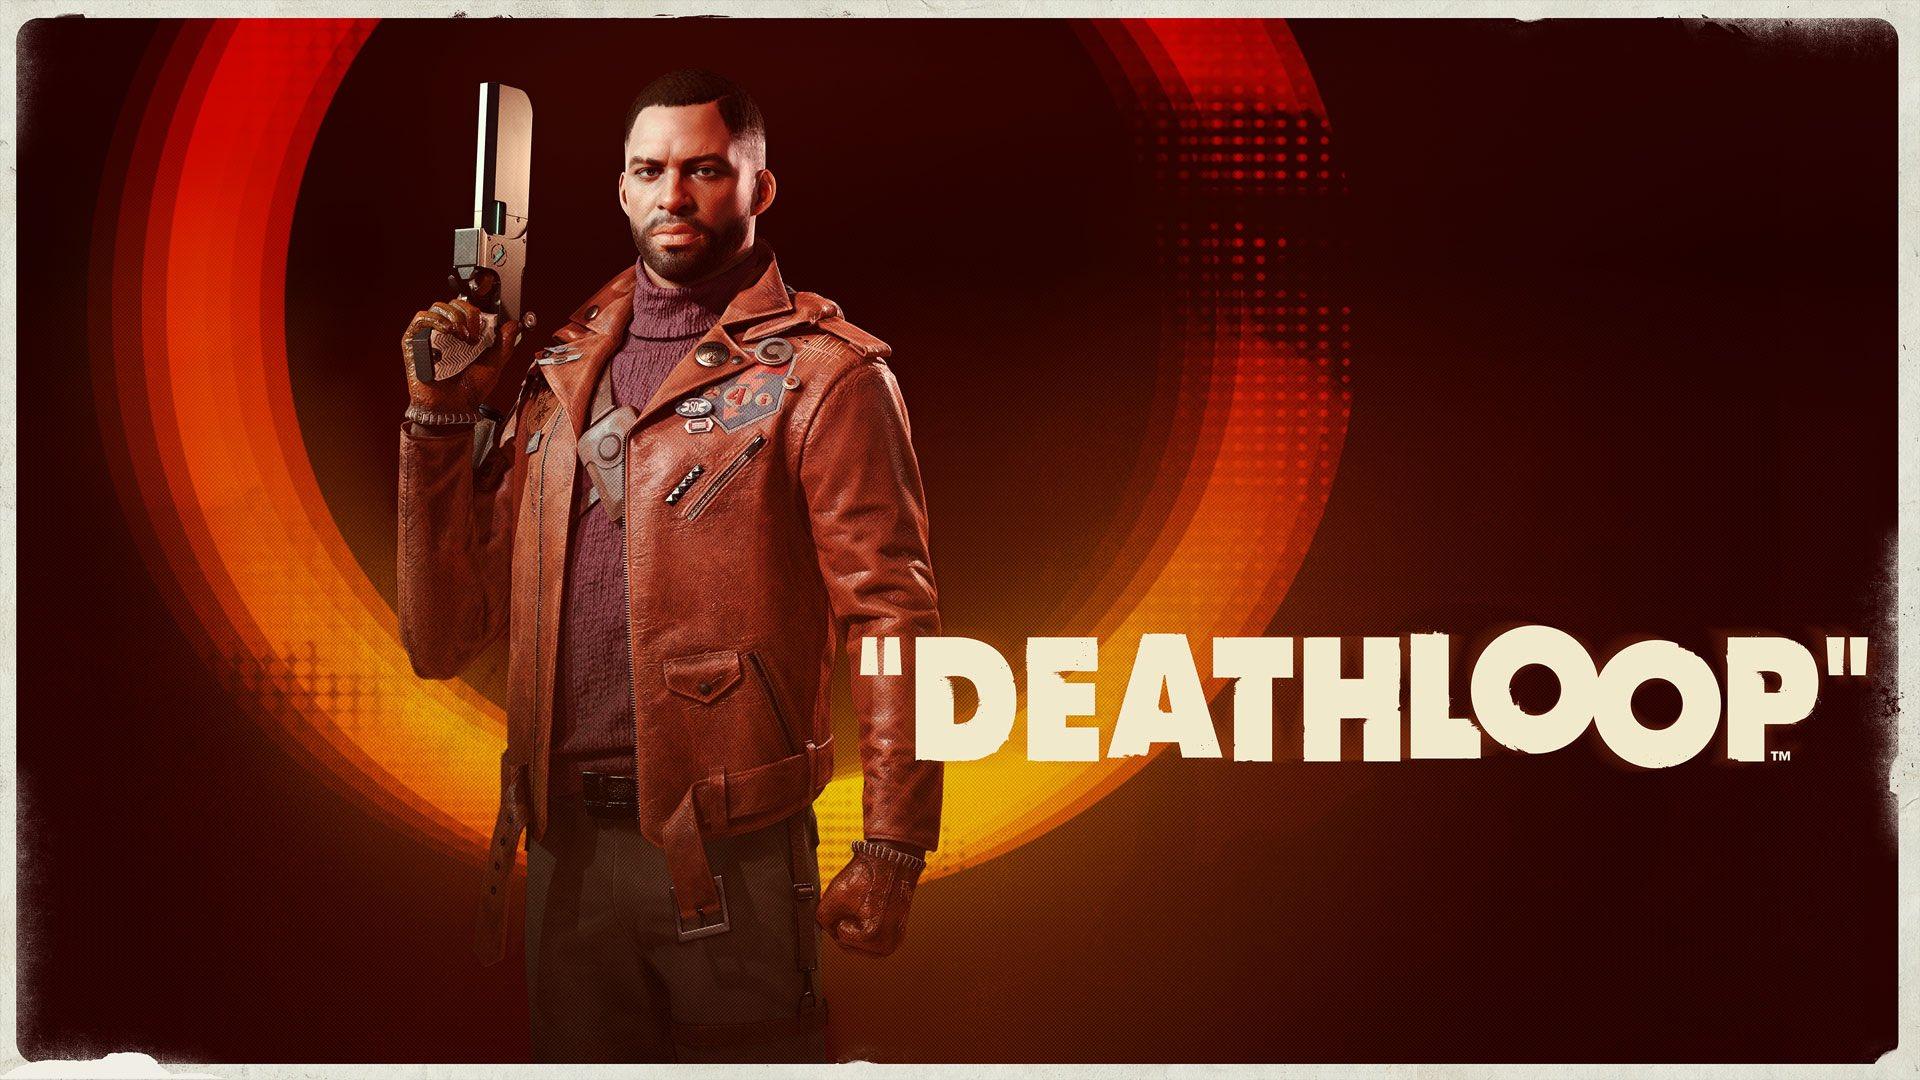 Deathloop game